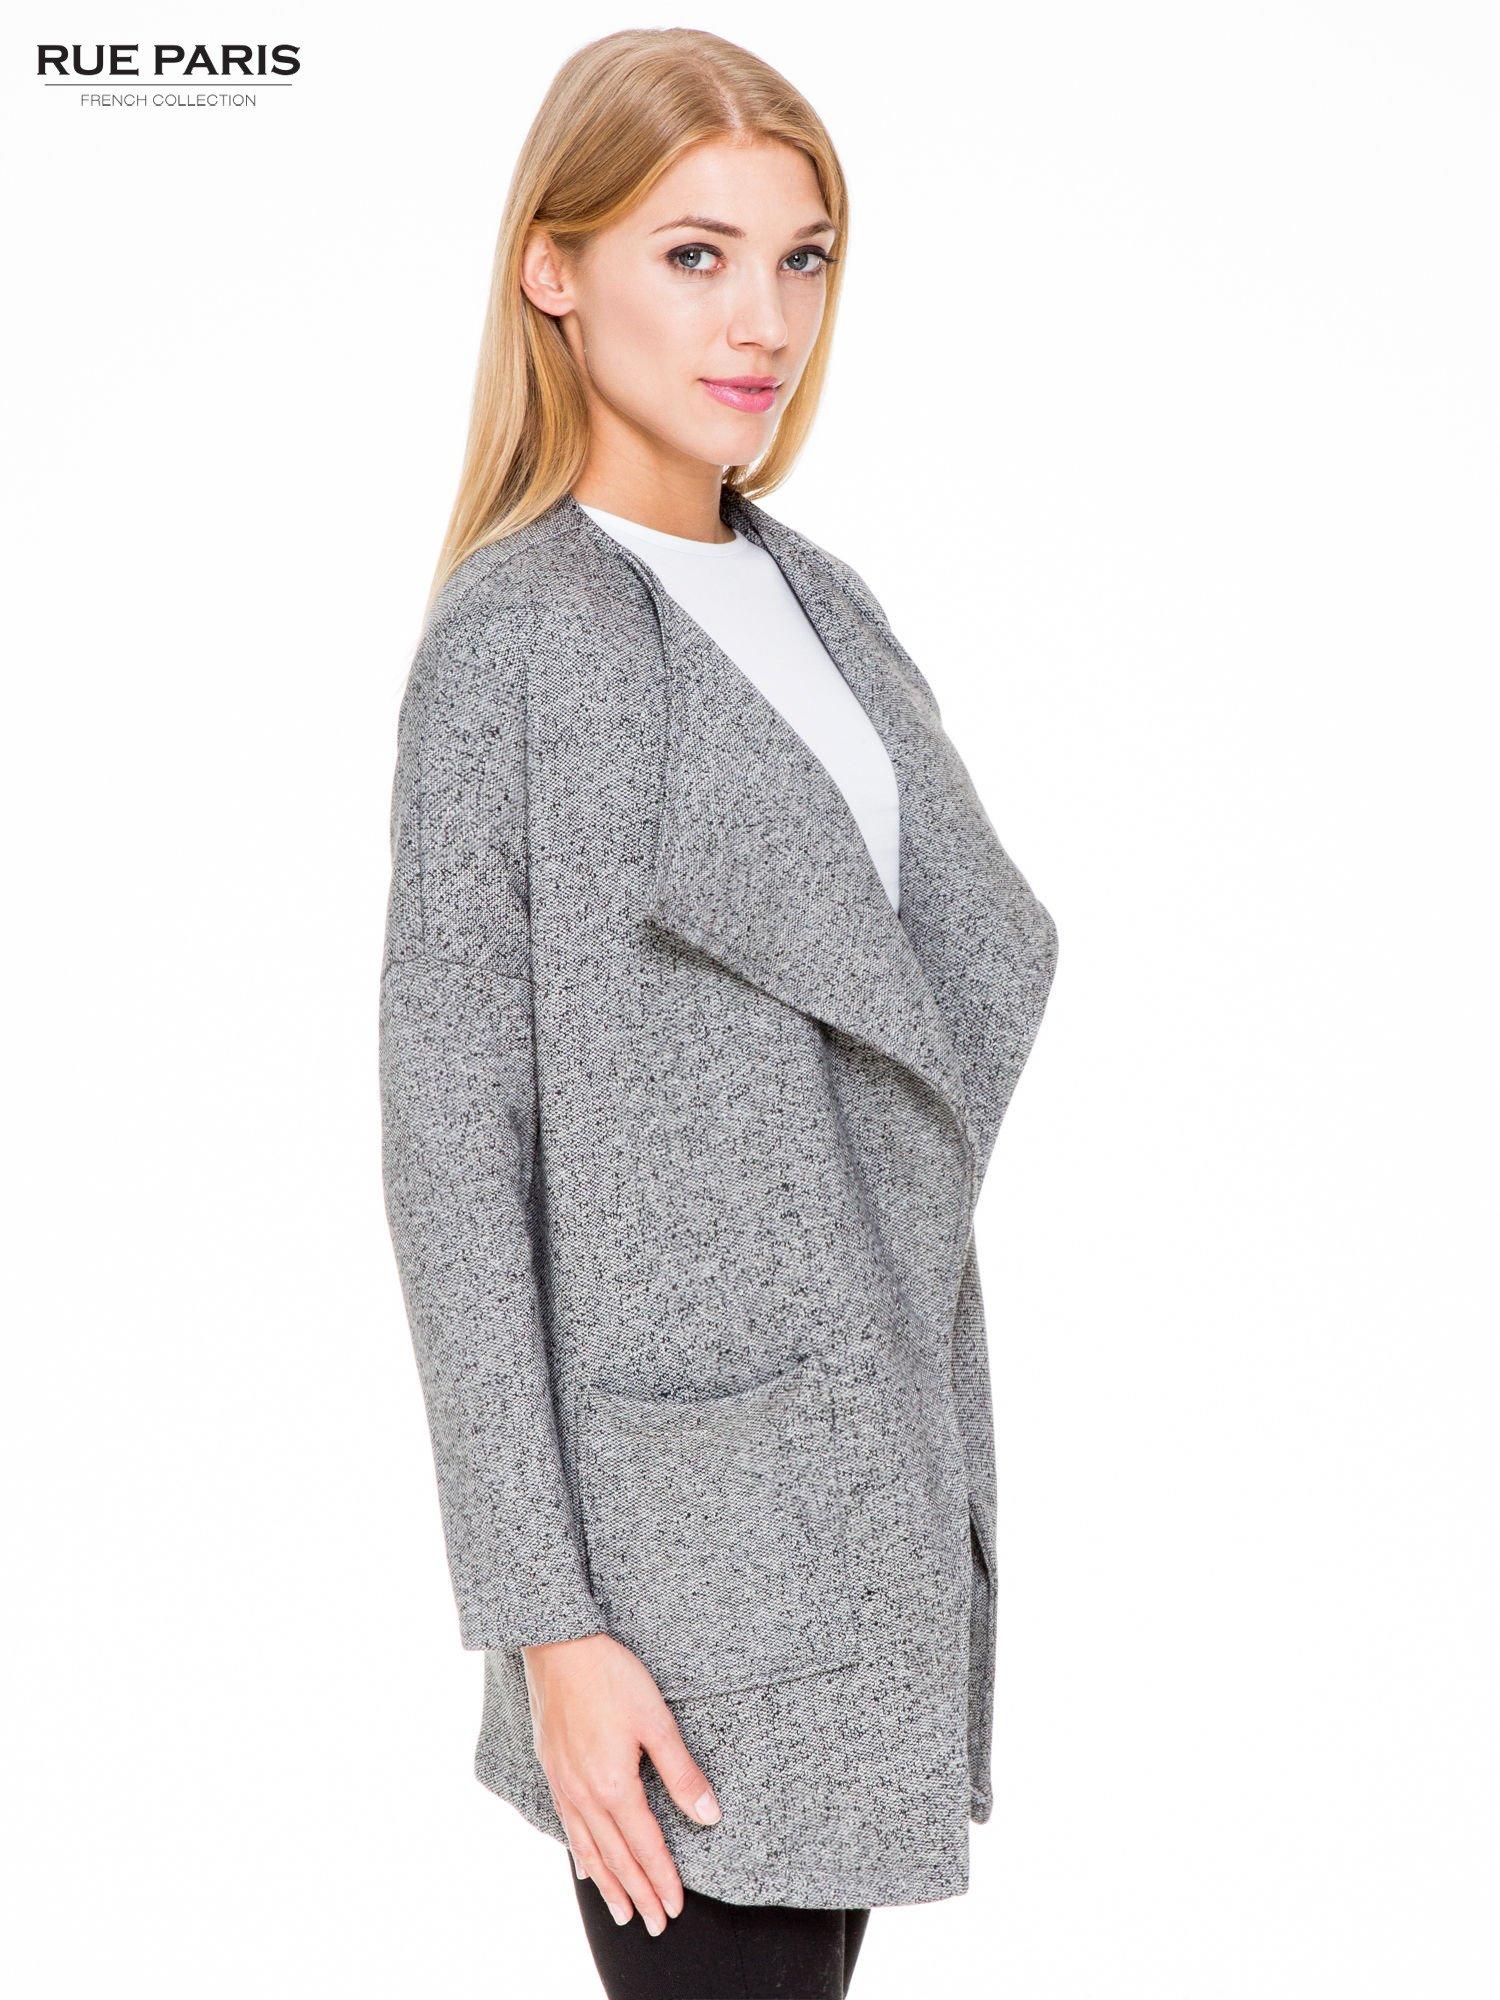 Szary melanżowy bluzożakiet z kieszeniami                                  zdj.                                  3